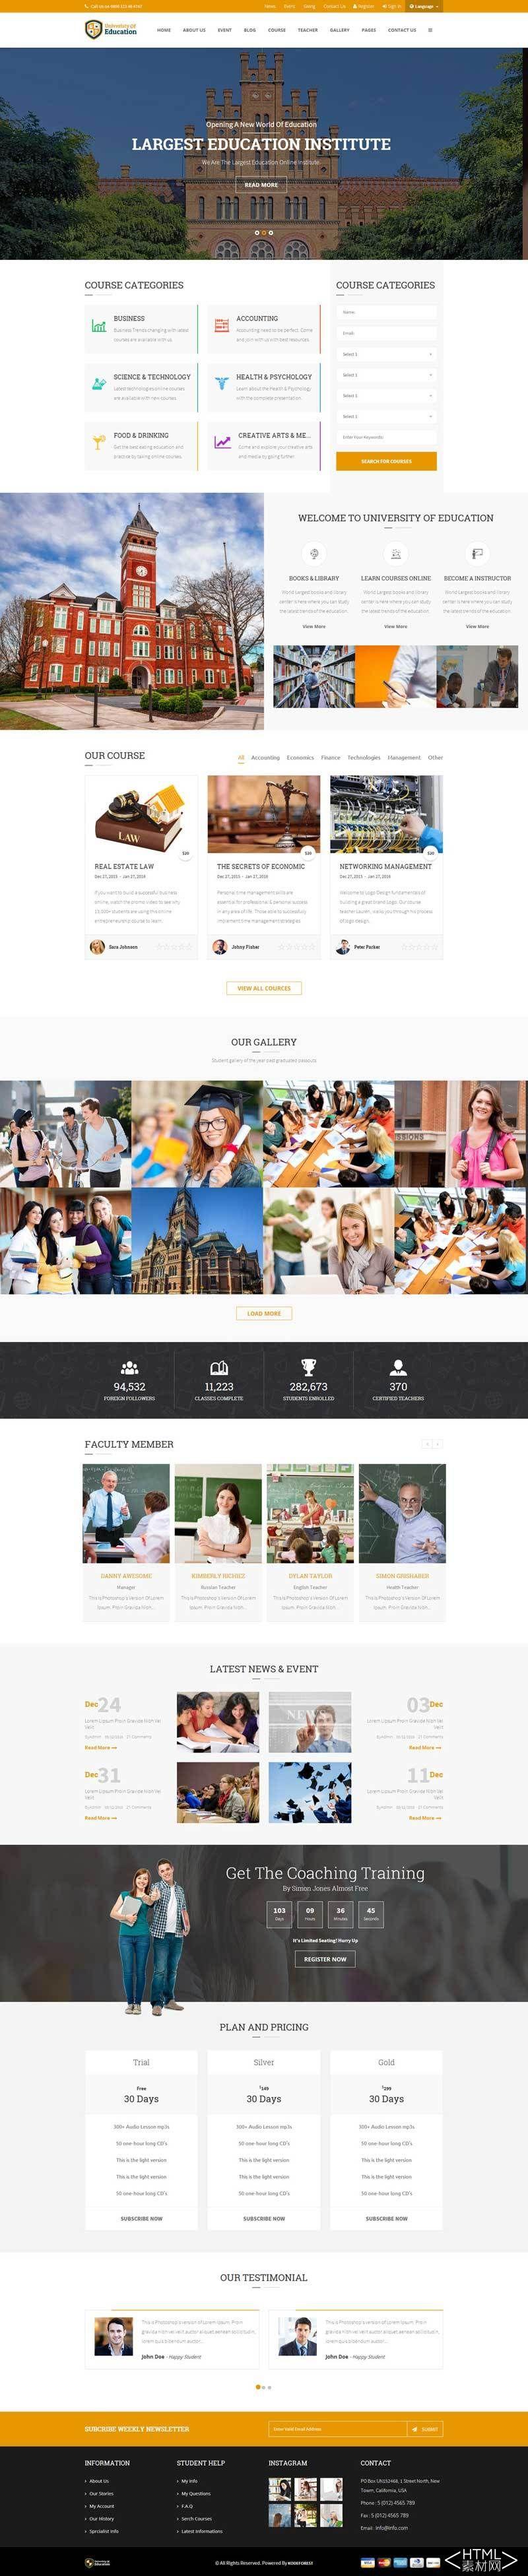 响应式的大学生选修课程教育培训网站模板.jpg